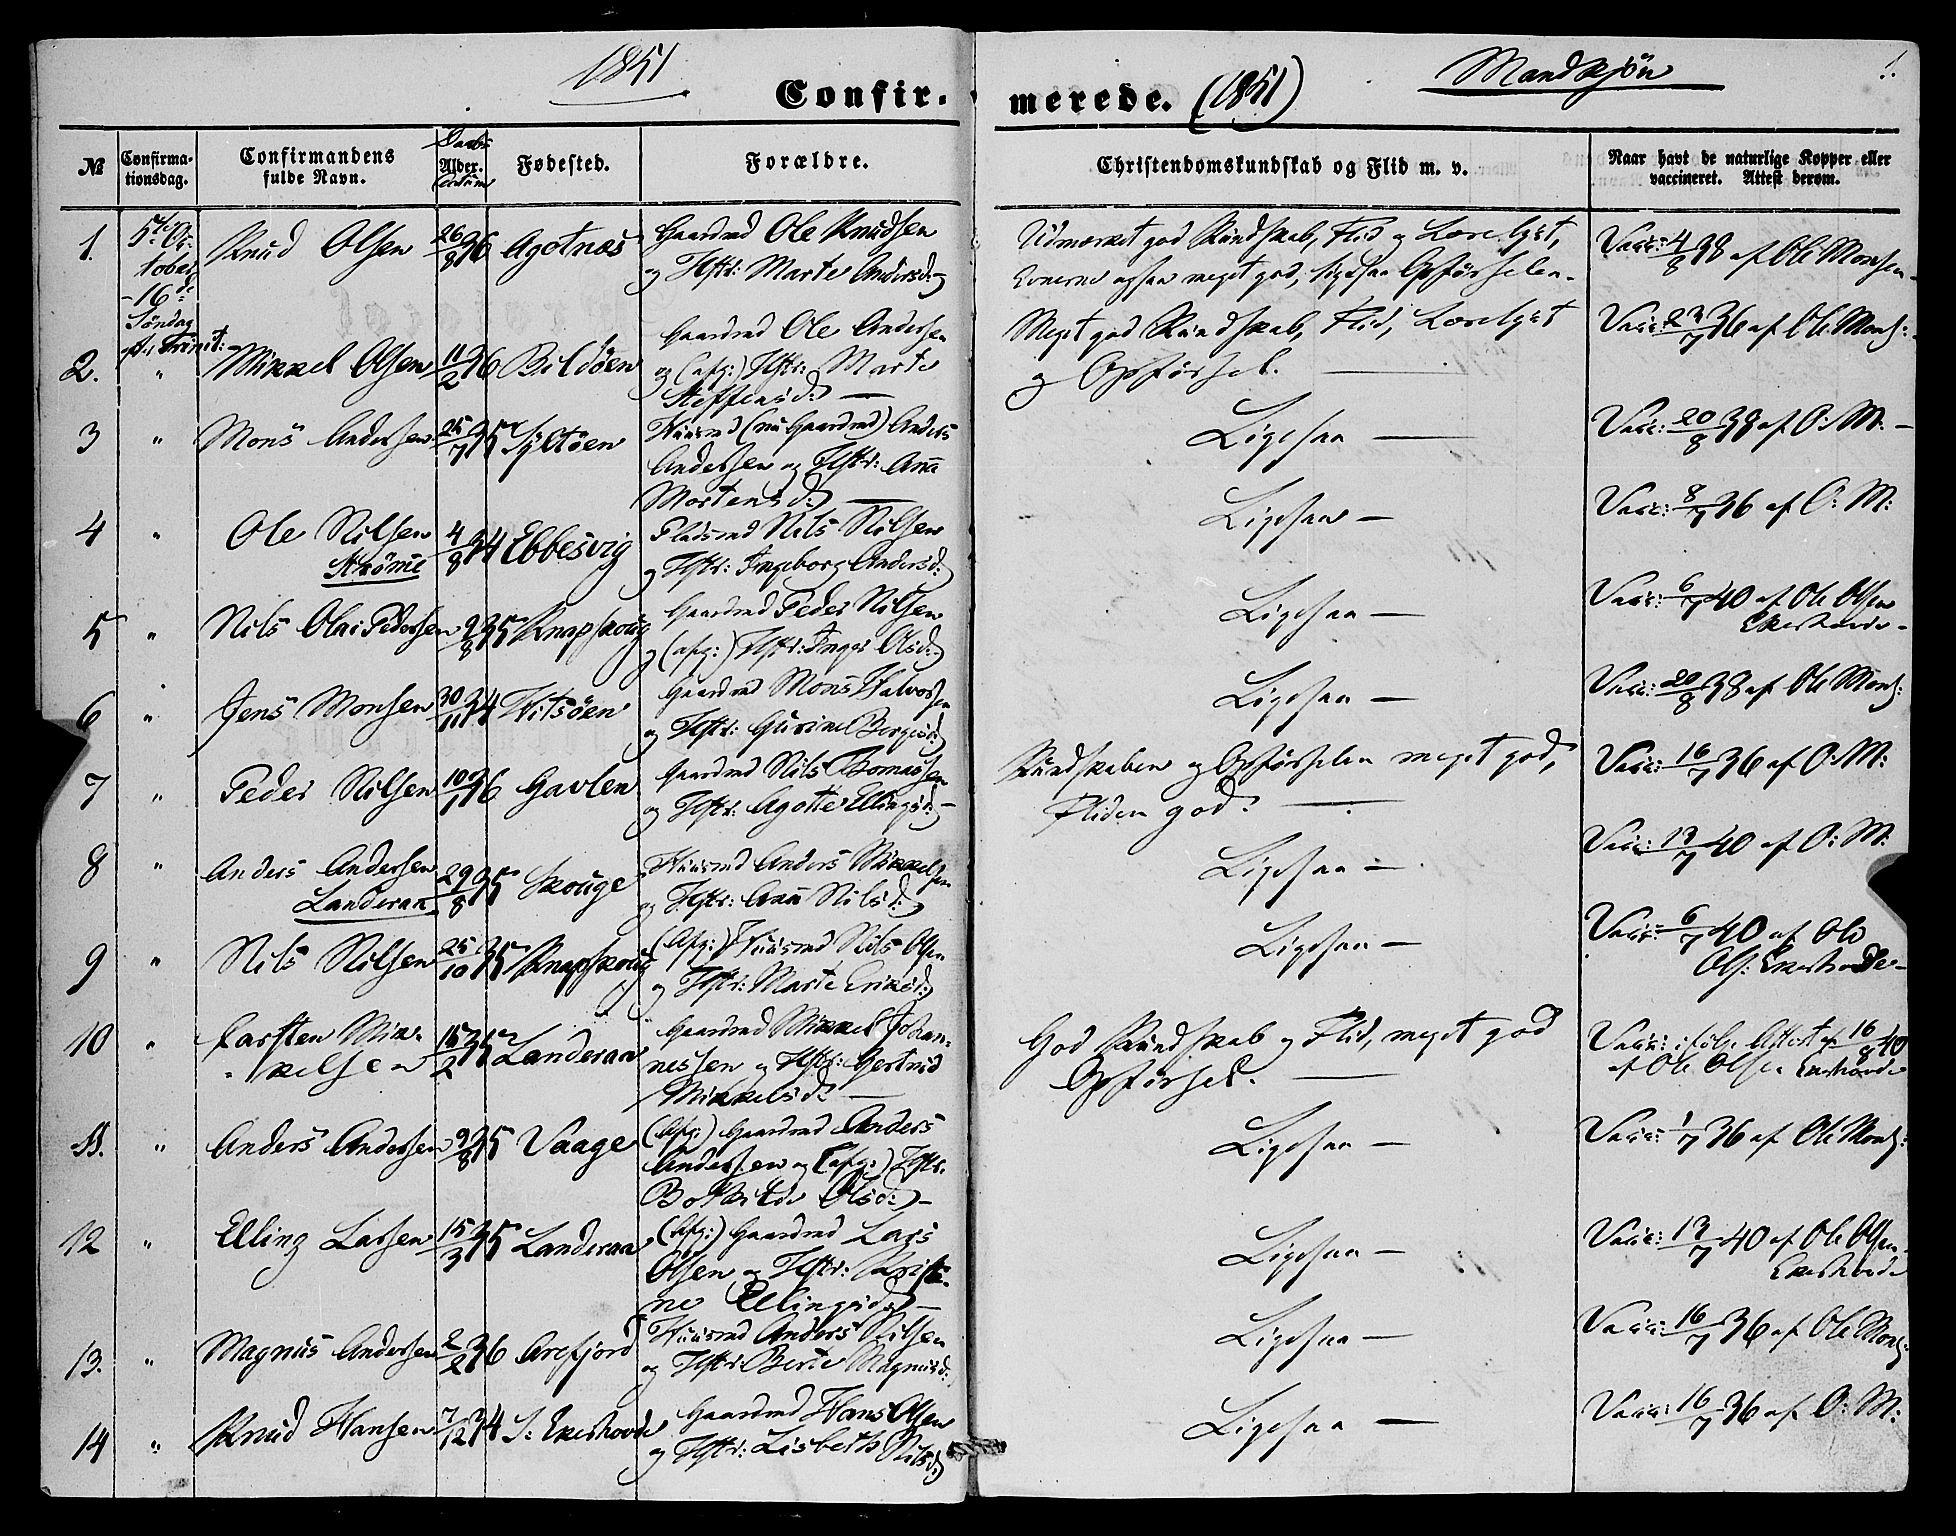 SAB, Fjell Sokneprestembete, H/Haa: Ministerialbok nr. A 4, 1851-1870, s. 1